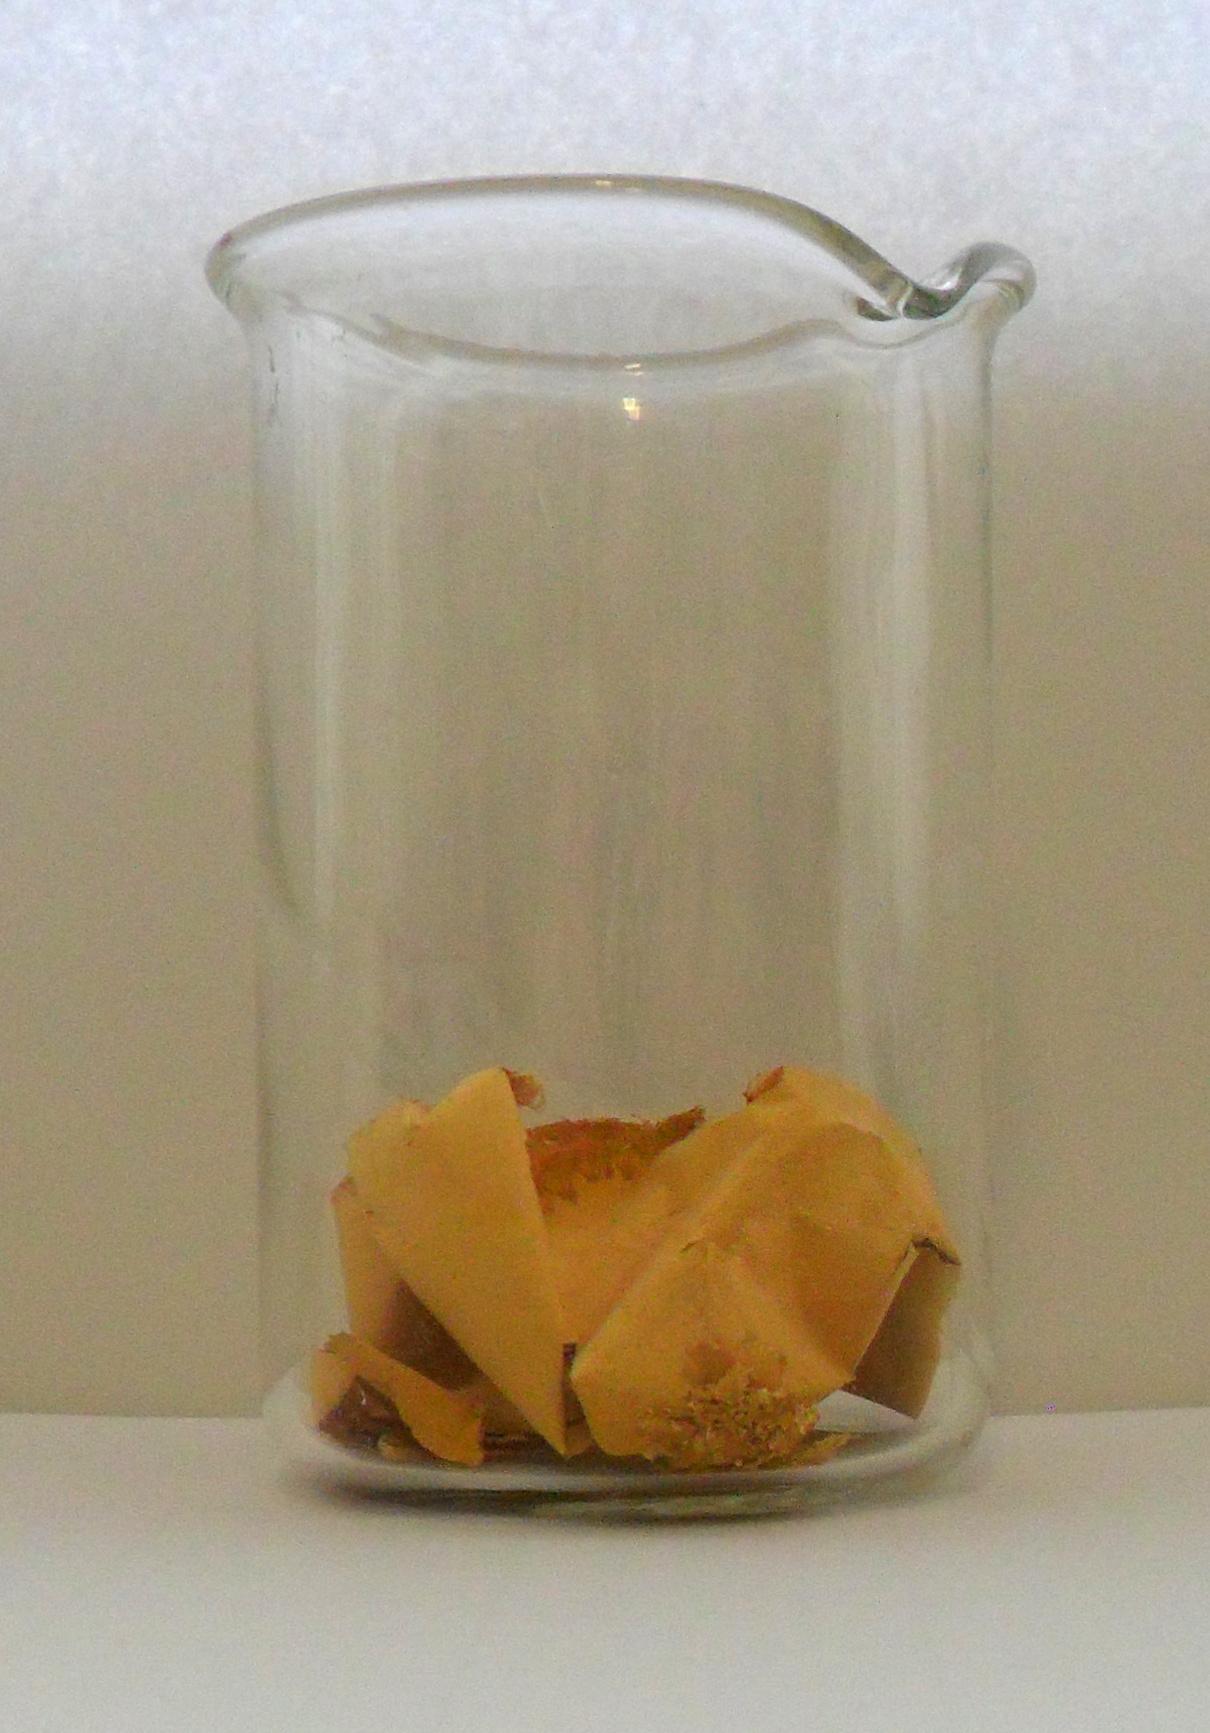 При десятикратном недостатке осадителя [сульфат железа (II)] из достаточно концентрированного раствора (10 г/л) золото может выпасть в виде вот такой фольги.